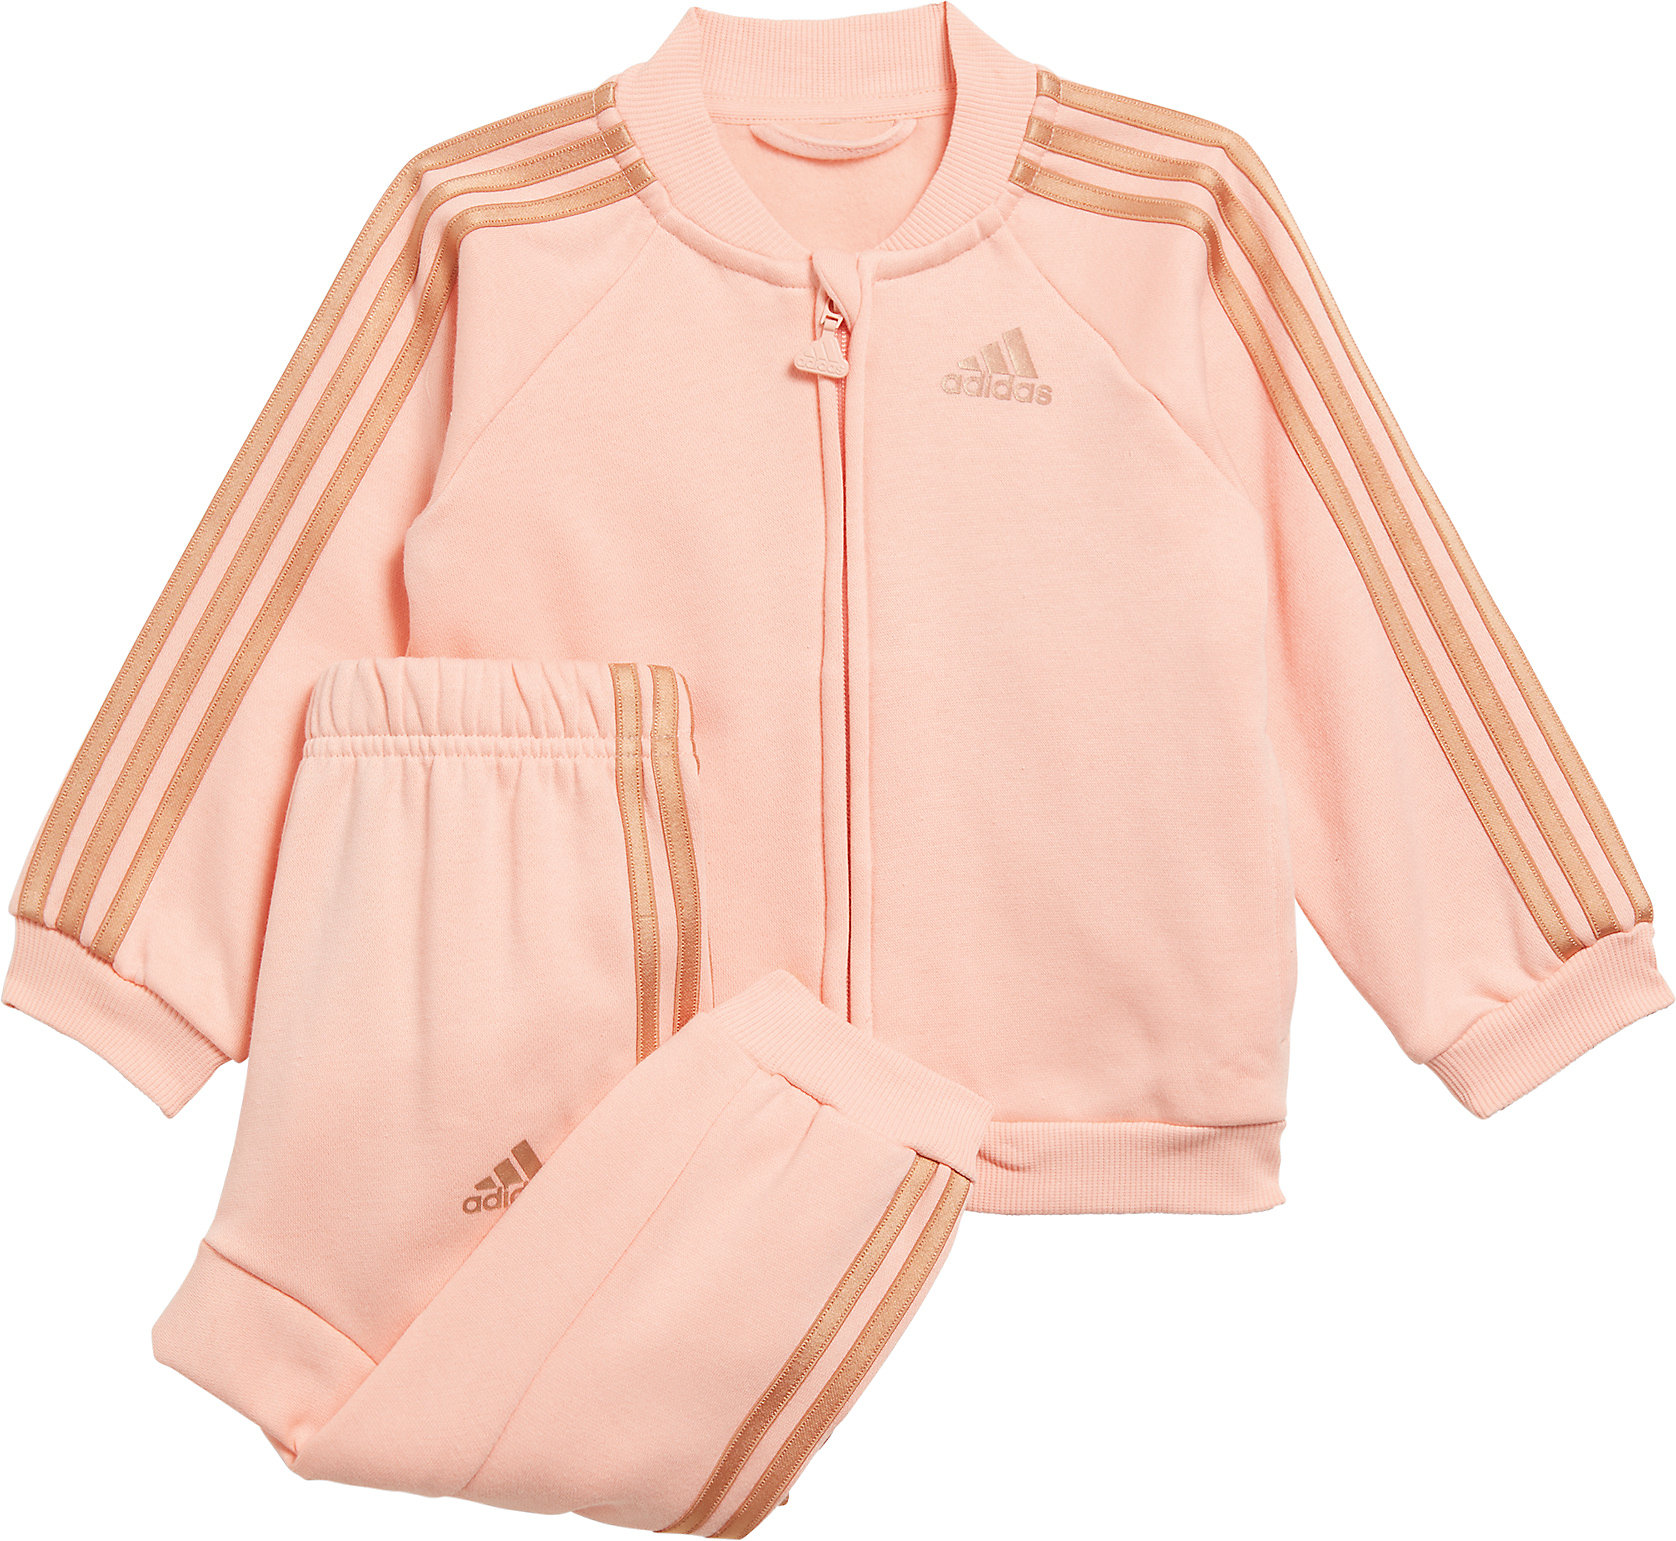 Details zu Neu adidas Performance Baby Jogginganzug HOLIDAY für Mädchen 11673877